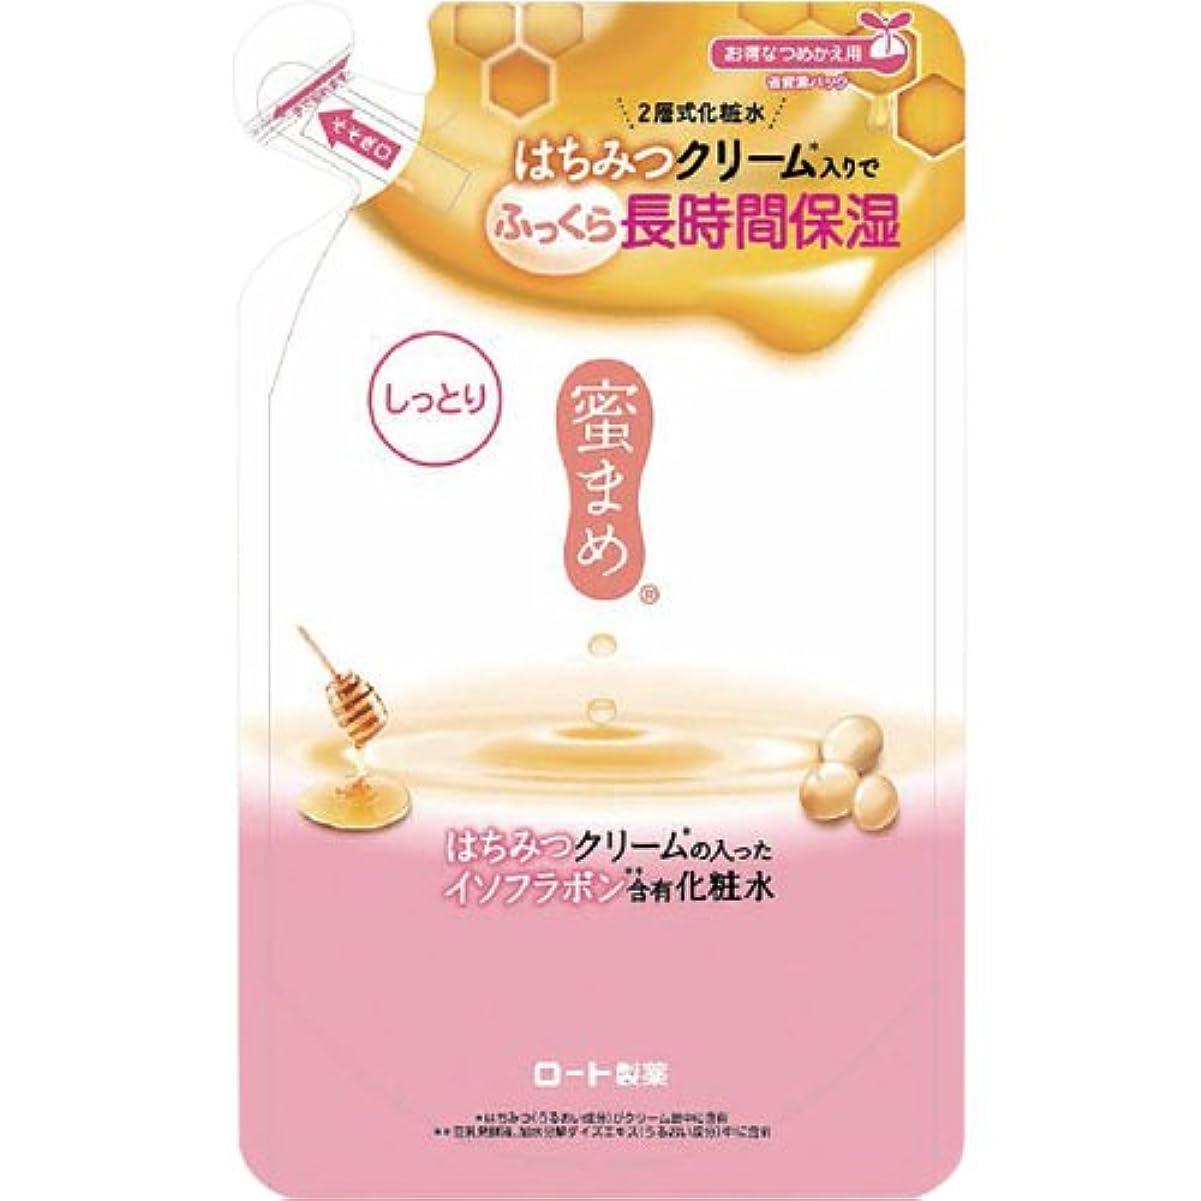 適応する届けるボイコット蜜まめ 合わせ化粧水 (しっとり) (つめかえ用) 180mL